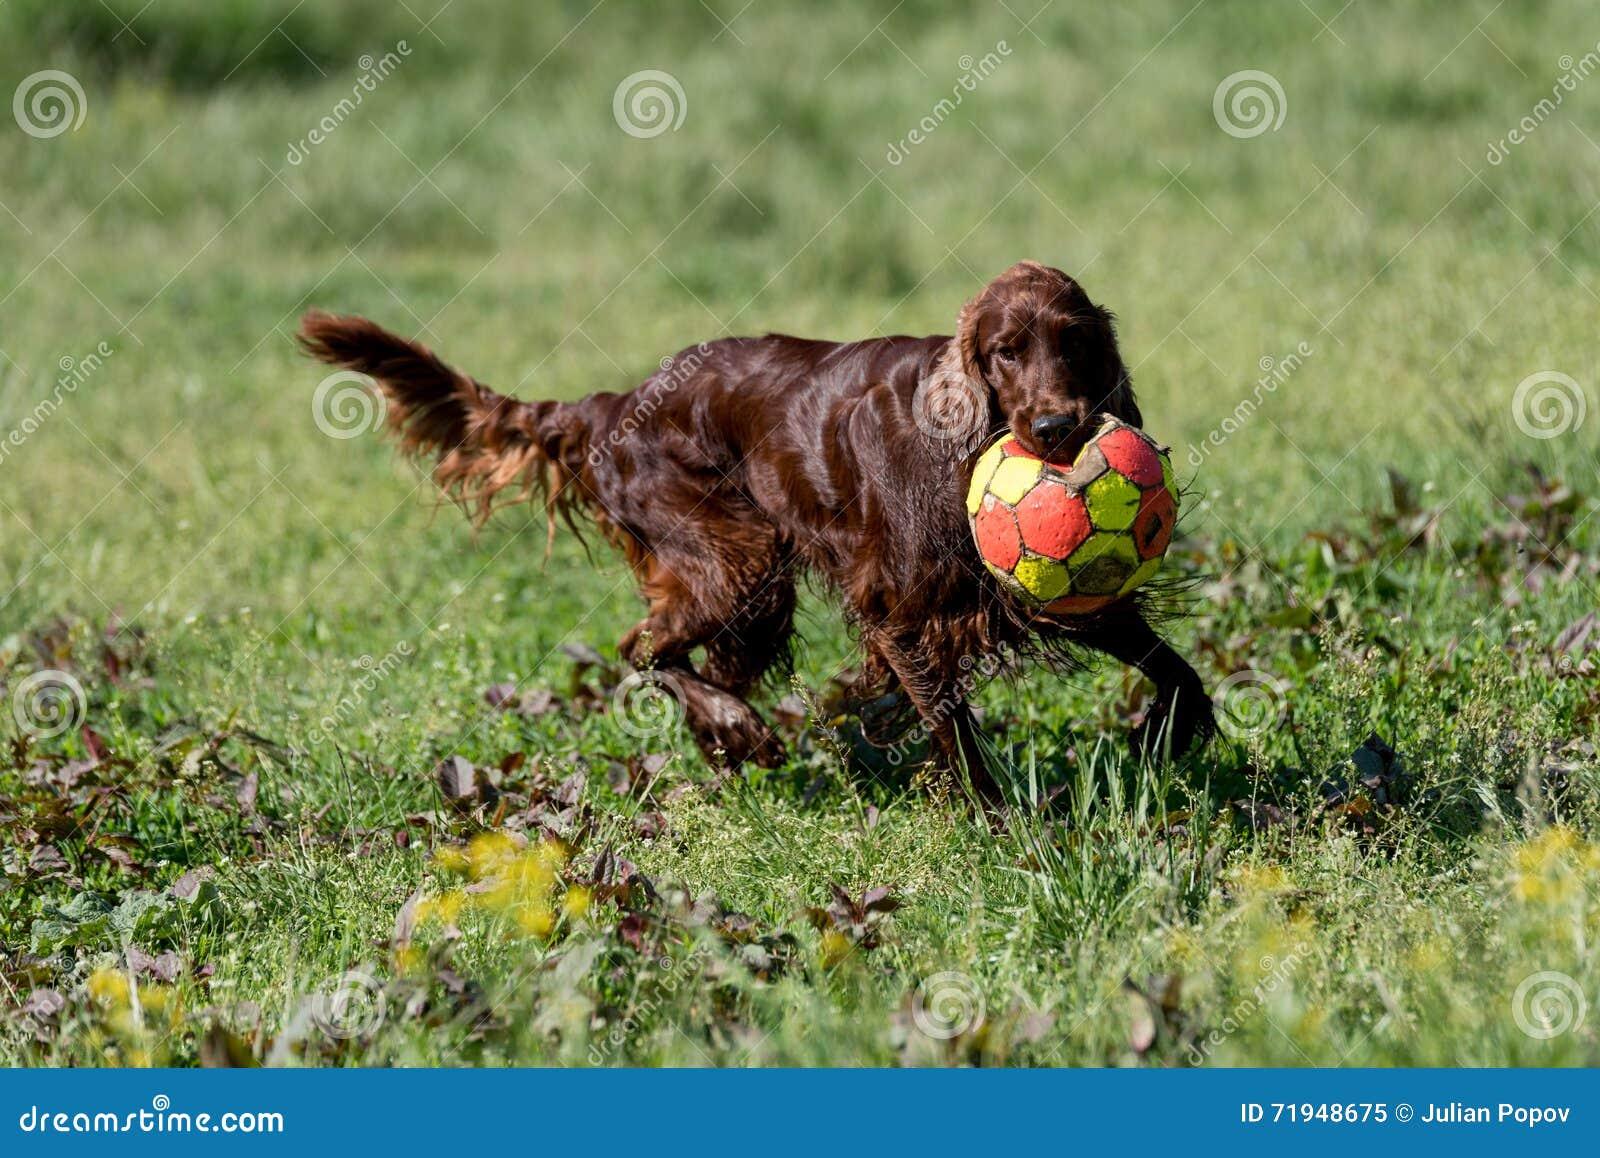 Ирландский сеттер играя с шариком, селективным фокусом на собаке